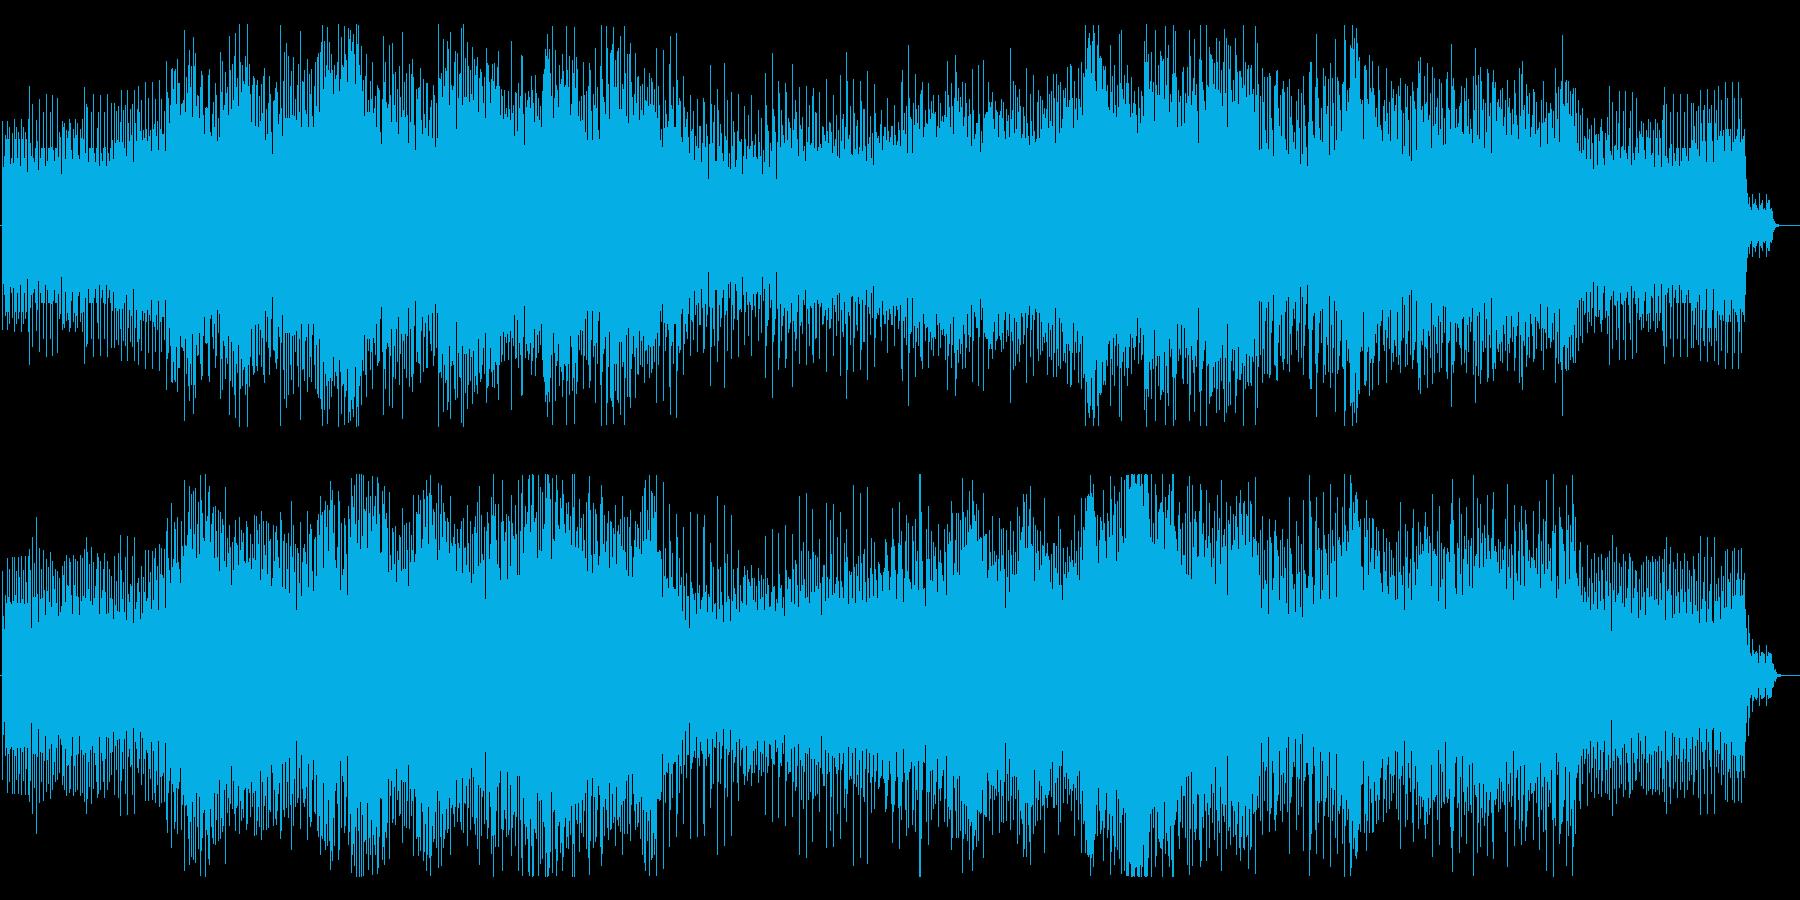 シリアスでスリリングなアンビエントテクノの再生済みの波形